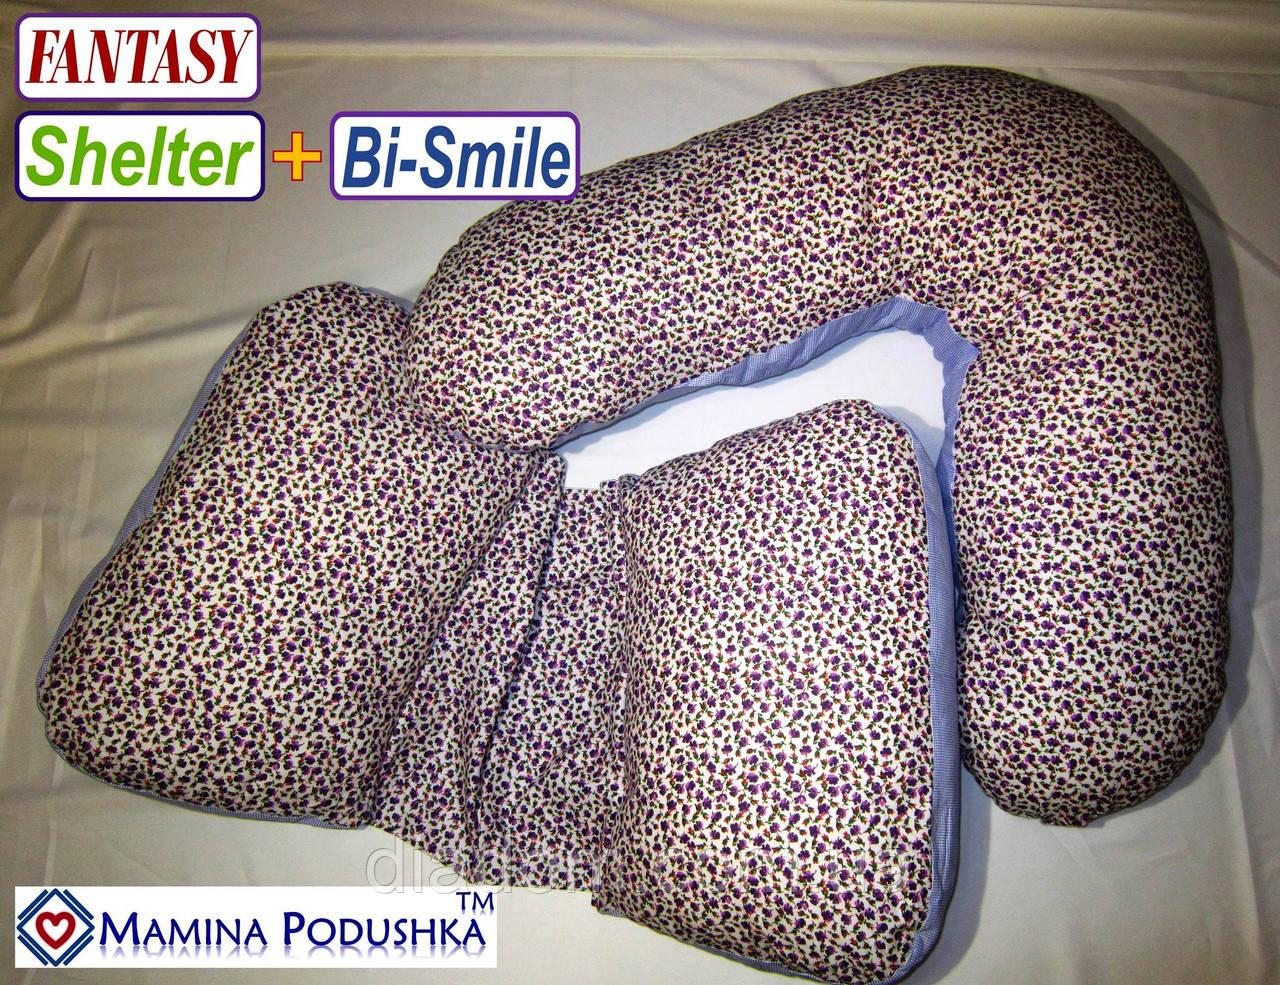 Комплект подушок Fantasy Shelter+Bi-Smile. Включені Наволочки 2-сторонні (Фіолетов.квіточки / Т. сині точки)